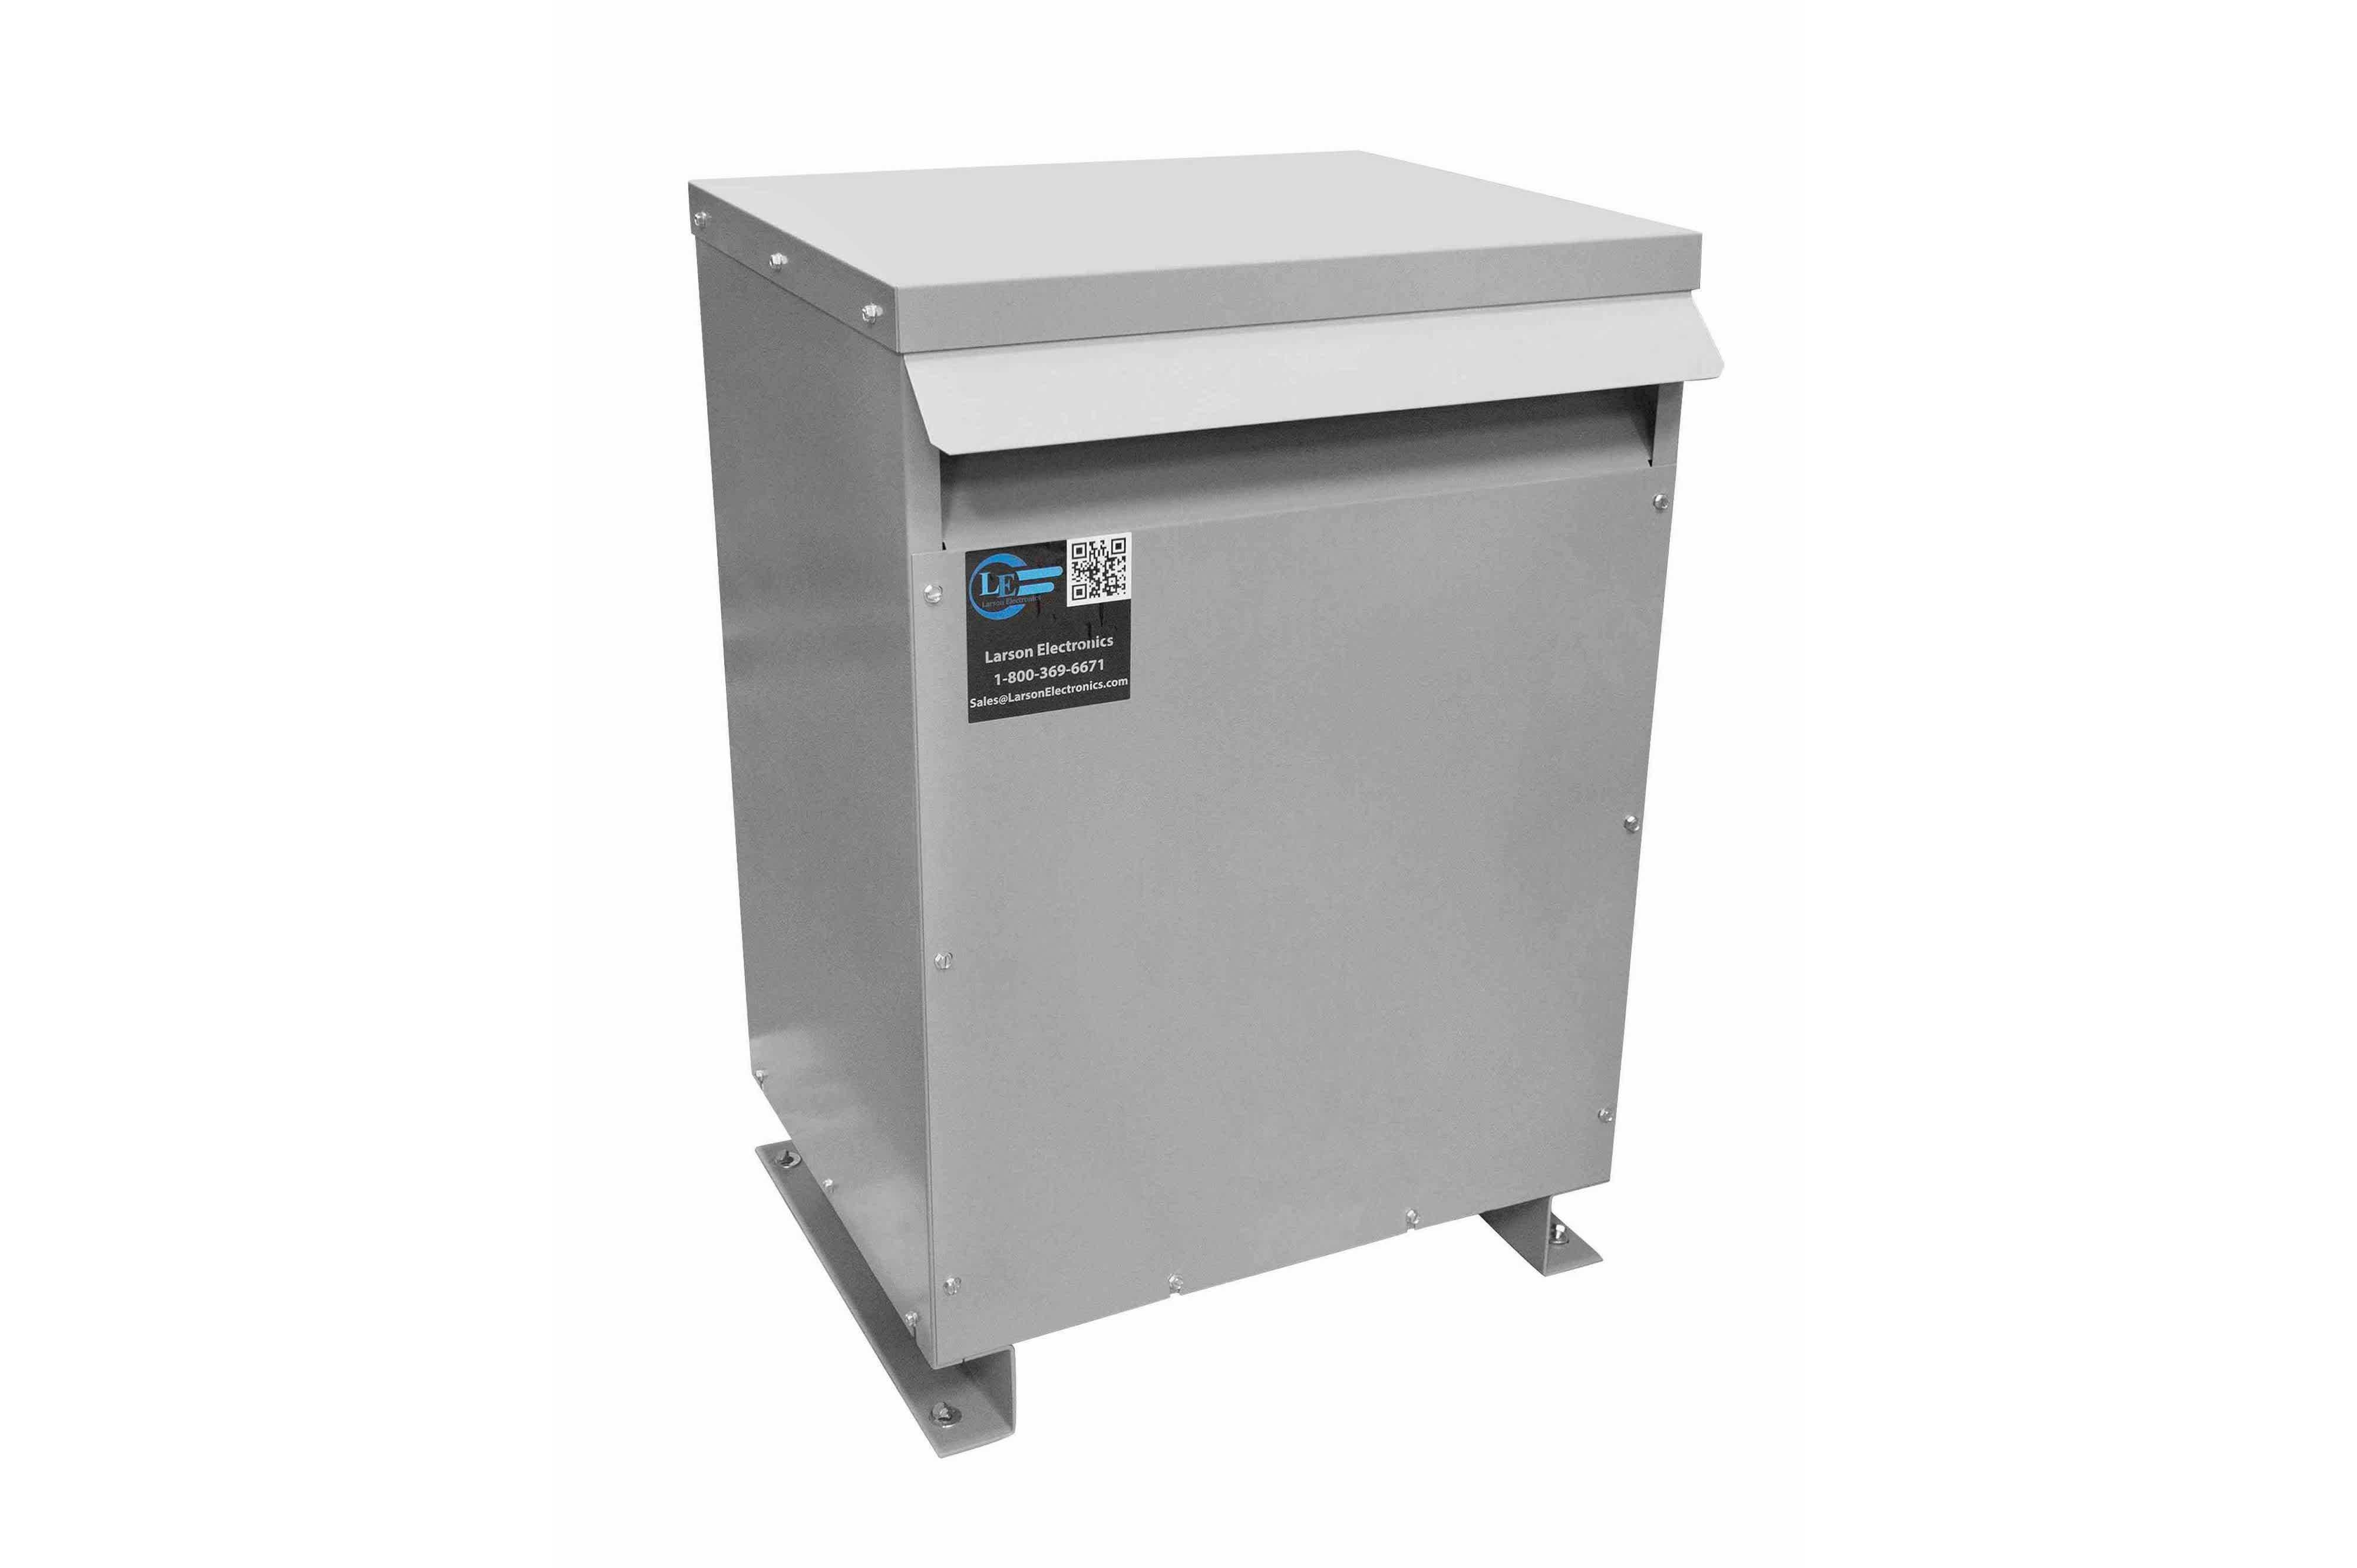 175 kVA 3PH Isolation Transformer, 460V Delta Primary, 400V Delta Secondary, N3R, Ventilated, 60 Hz